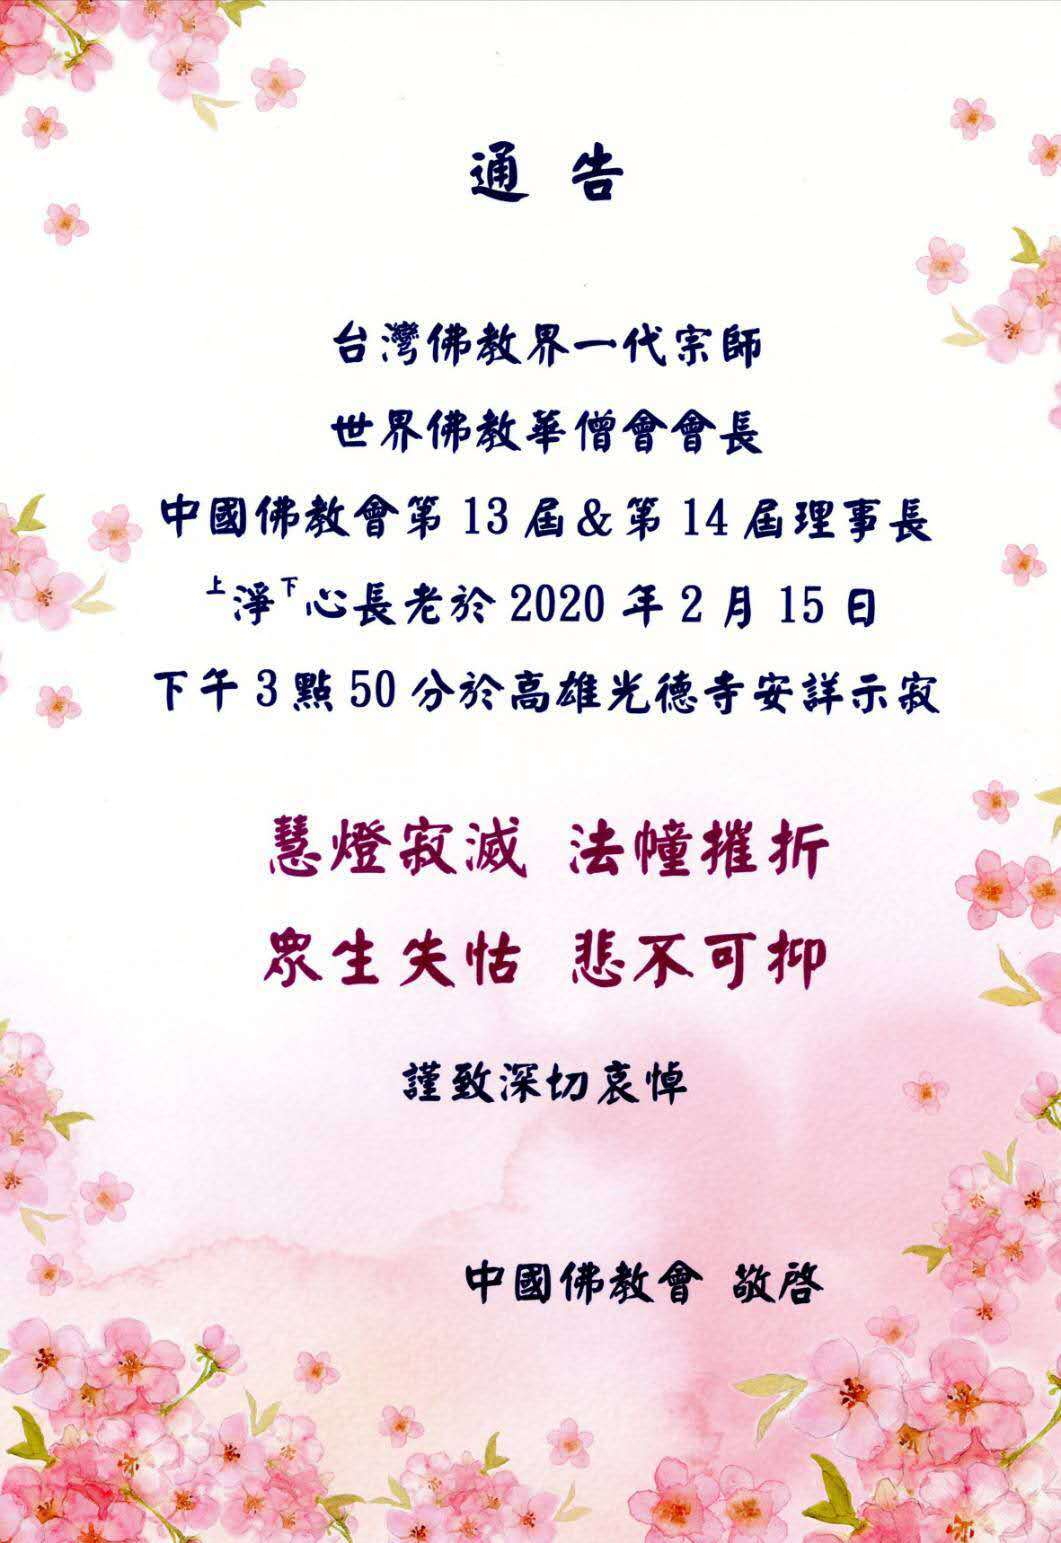 台湾佛教界一代宗师净心长老圆寂(图)